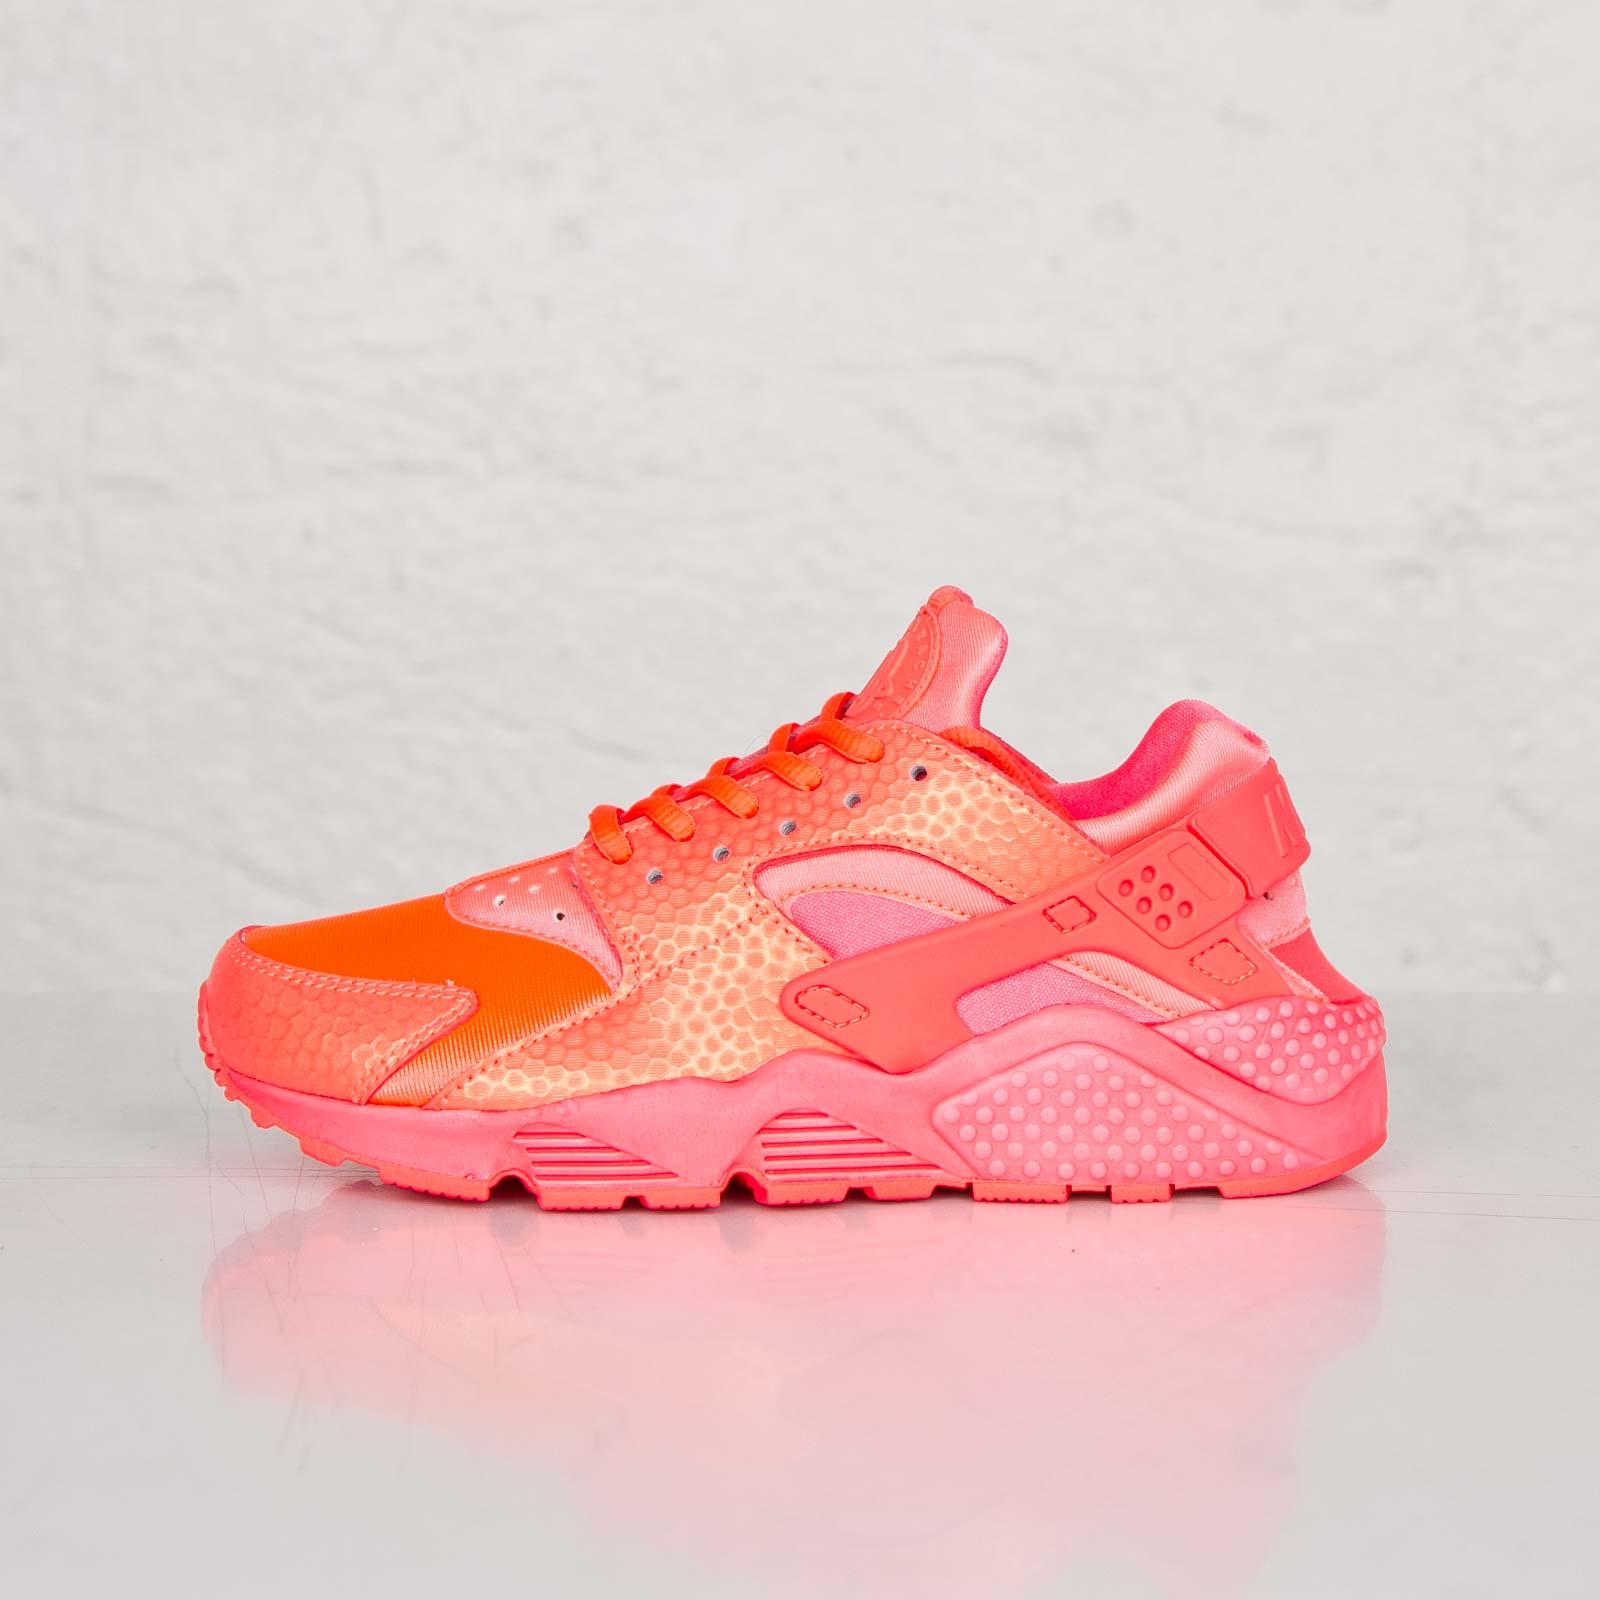 7487cb3cbb0 Nike Wmns Air Huarache Run Premium - 683818-800 - Sneakersnstuff ...